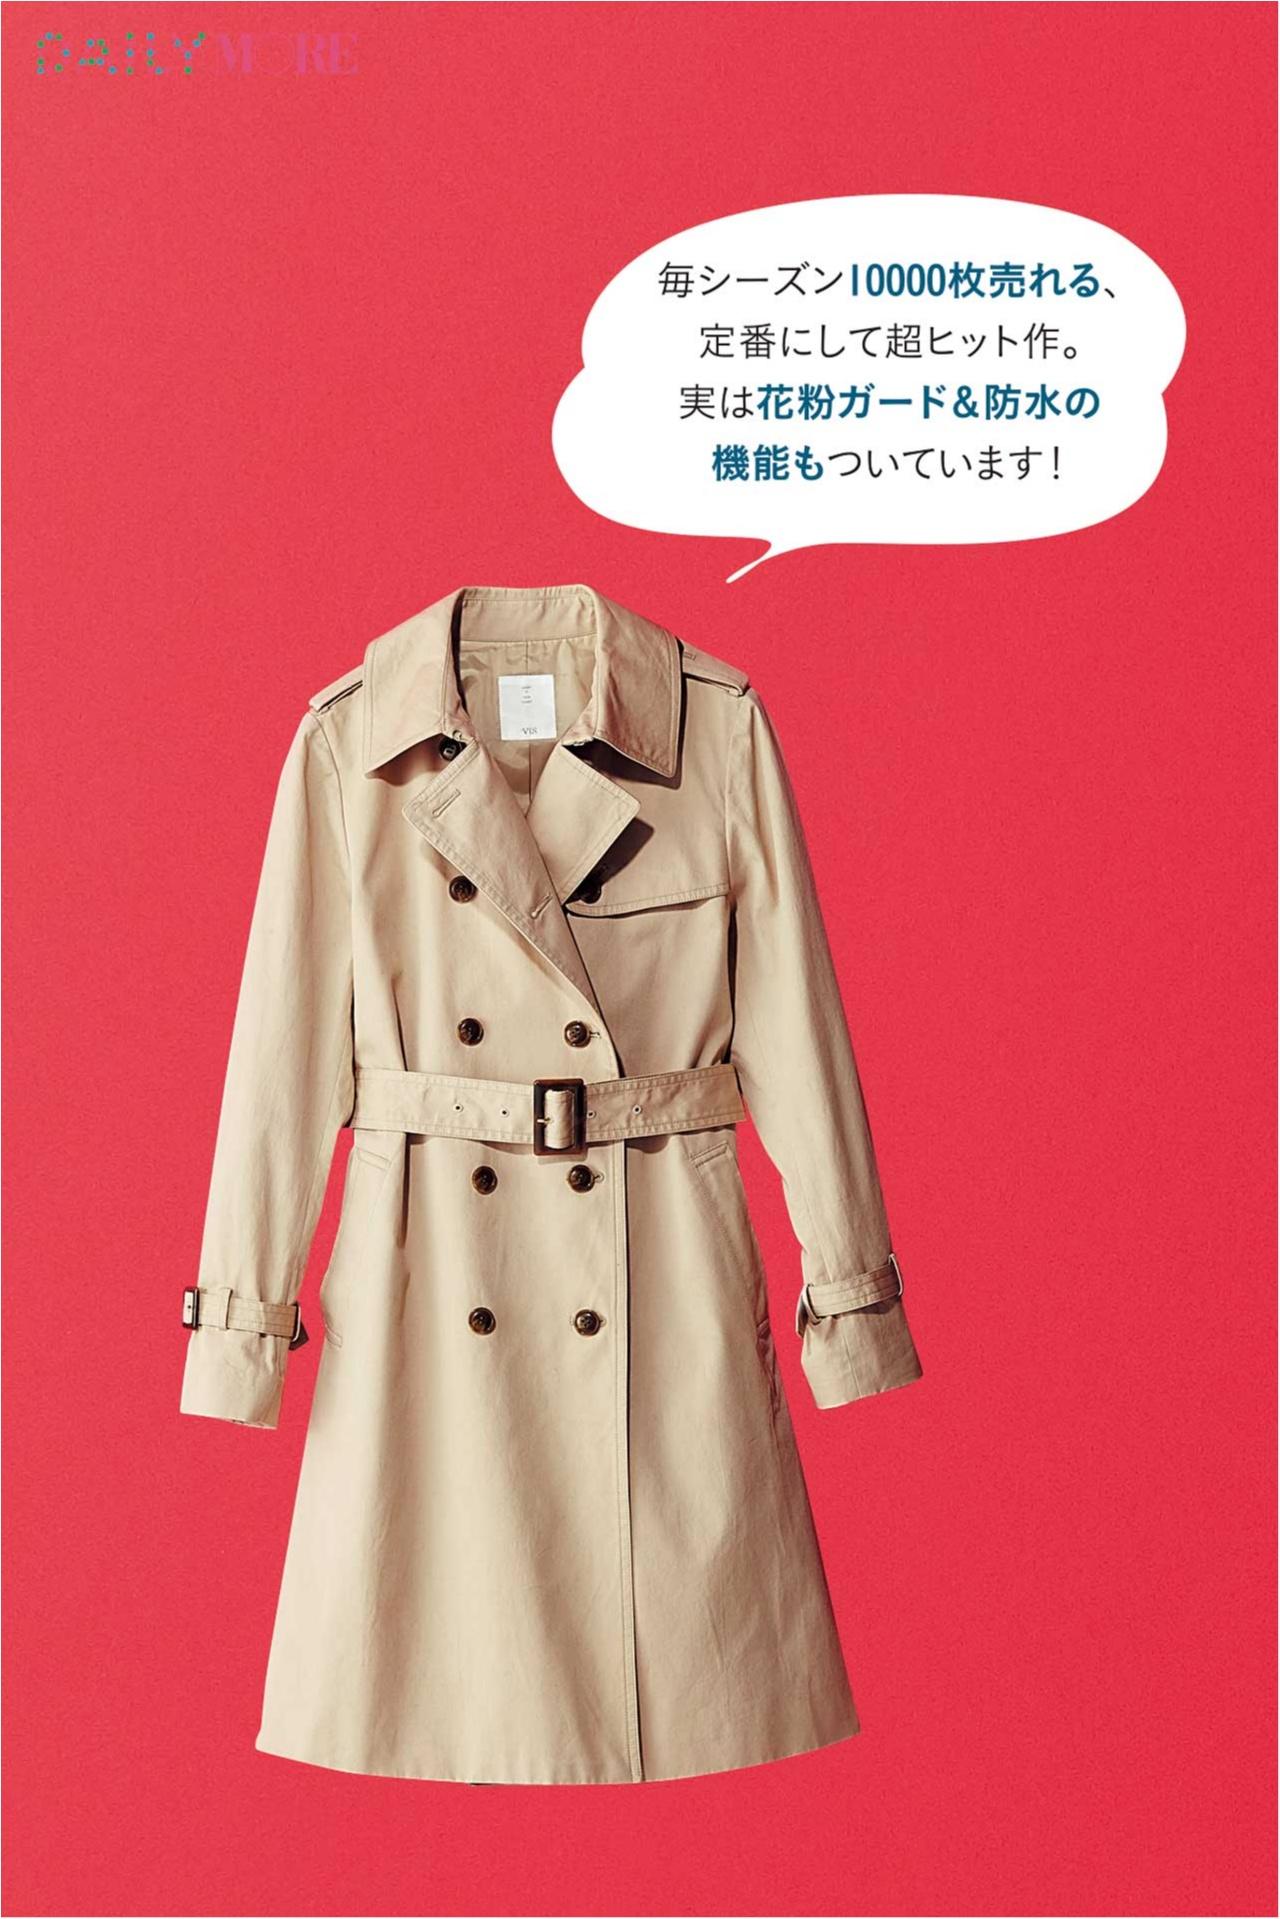 【働く女子、注目!】『ユニクロ』『テチチ』『ViS』、大人気ブランドのプレスが熱弁する「すごいお仕事服」って!?_4